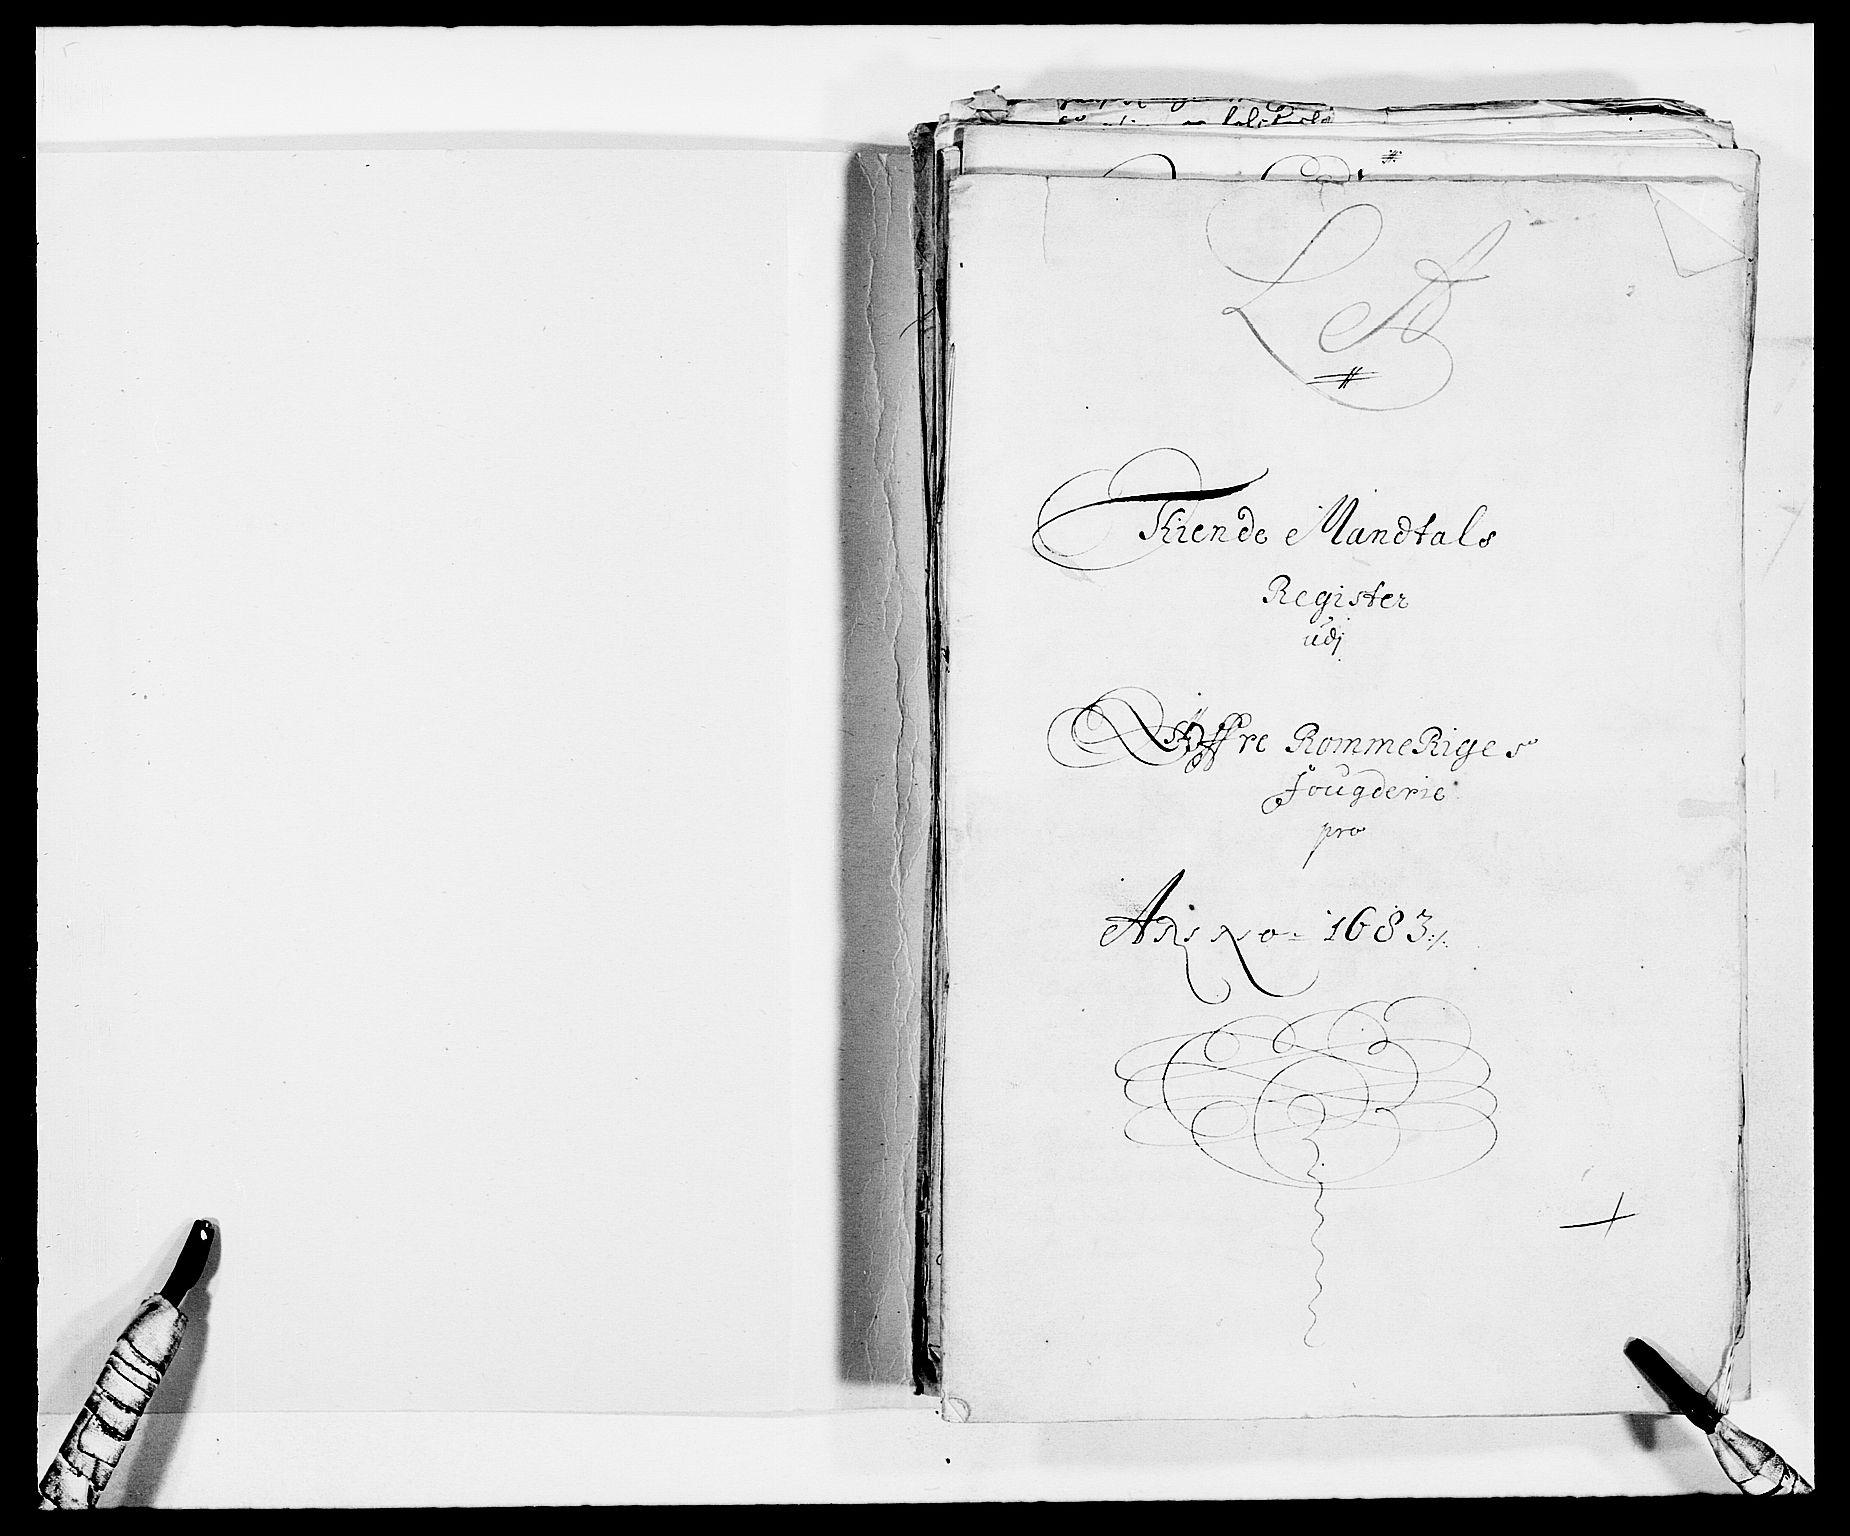 RA, Rentekammeret inntil 1814, Reviderte regnskaper, Fogderegnskap, R12/L0697: Fogderegnskap Øvre Romerike, 1682-1683, s. 272